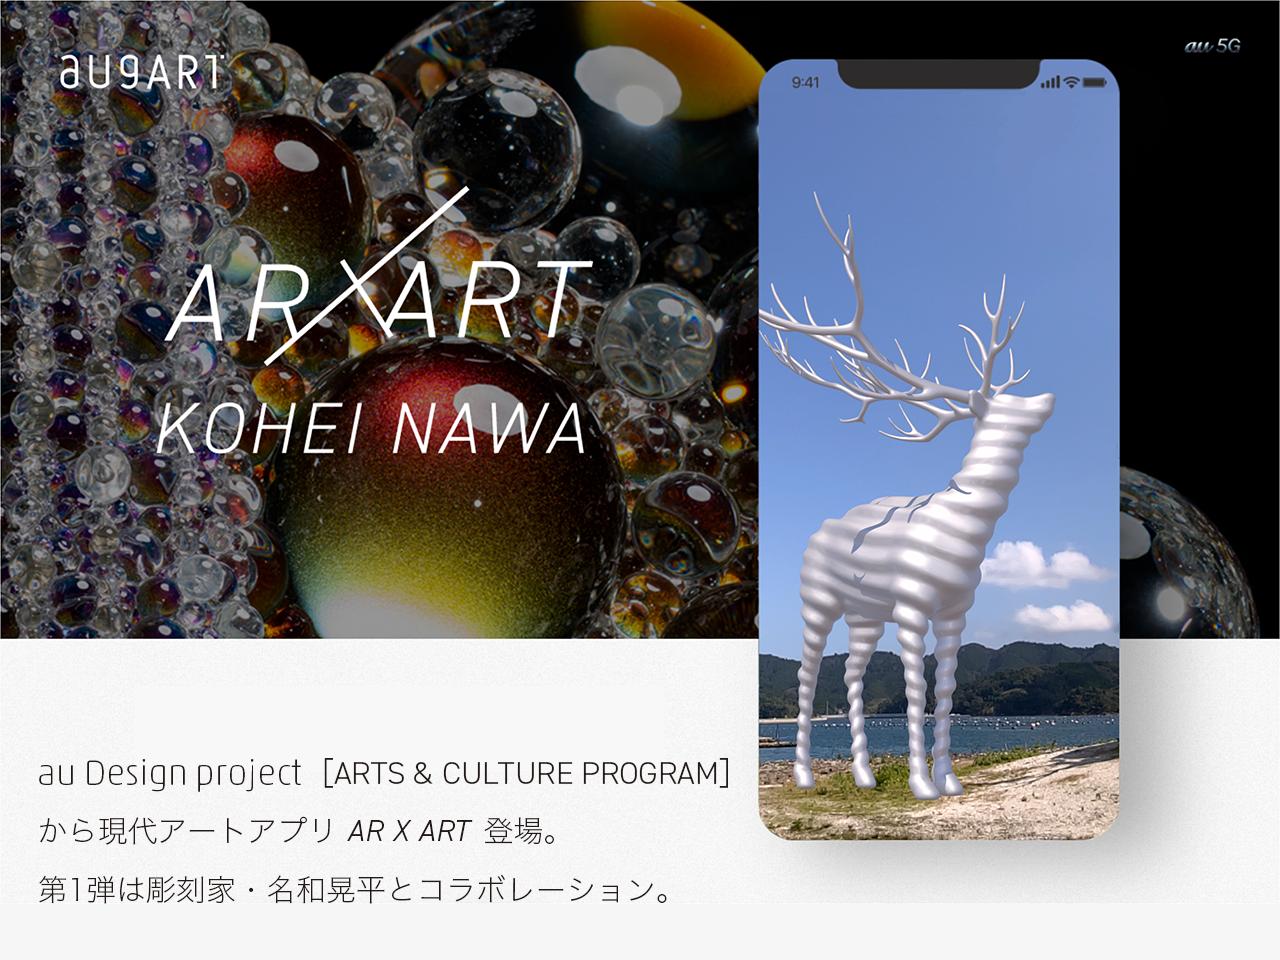 AR x ART KOHEI NAWA